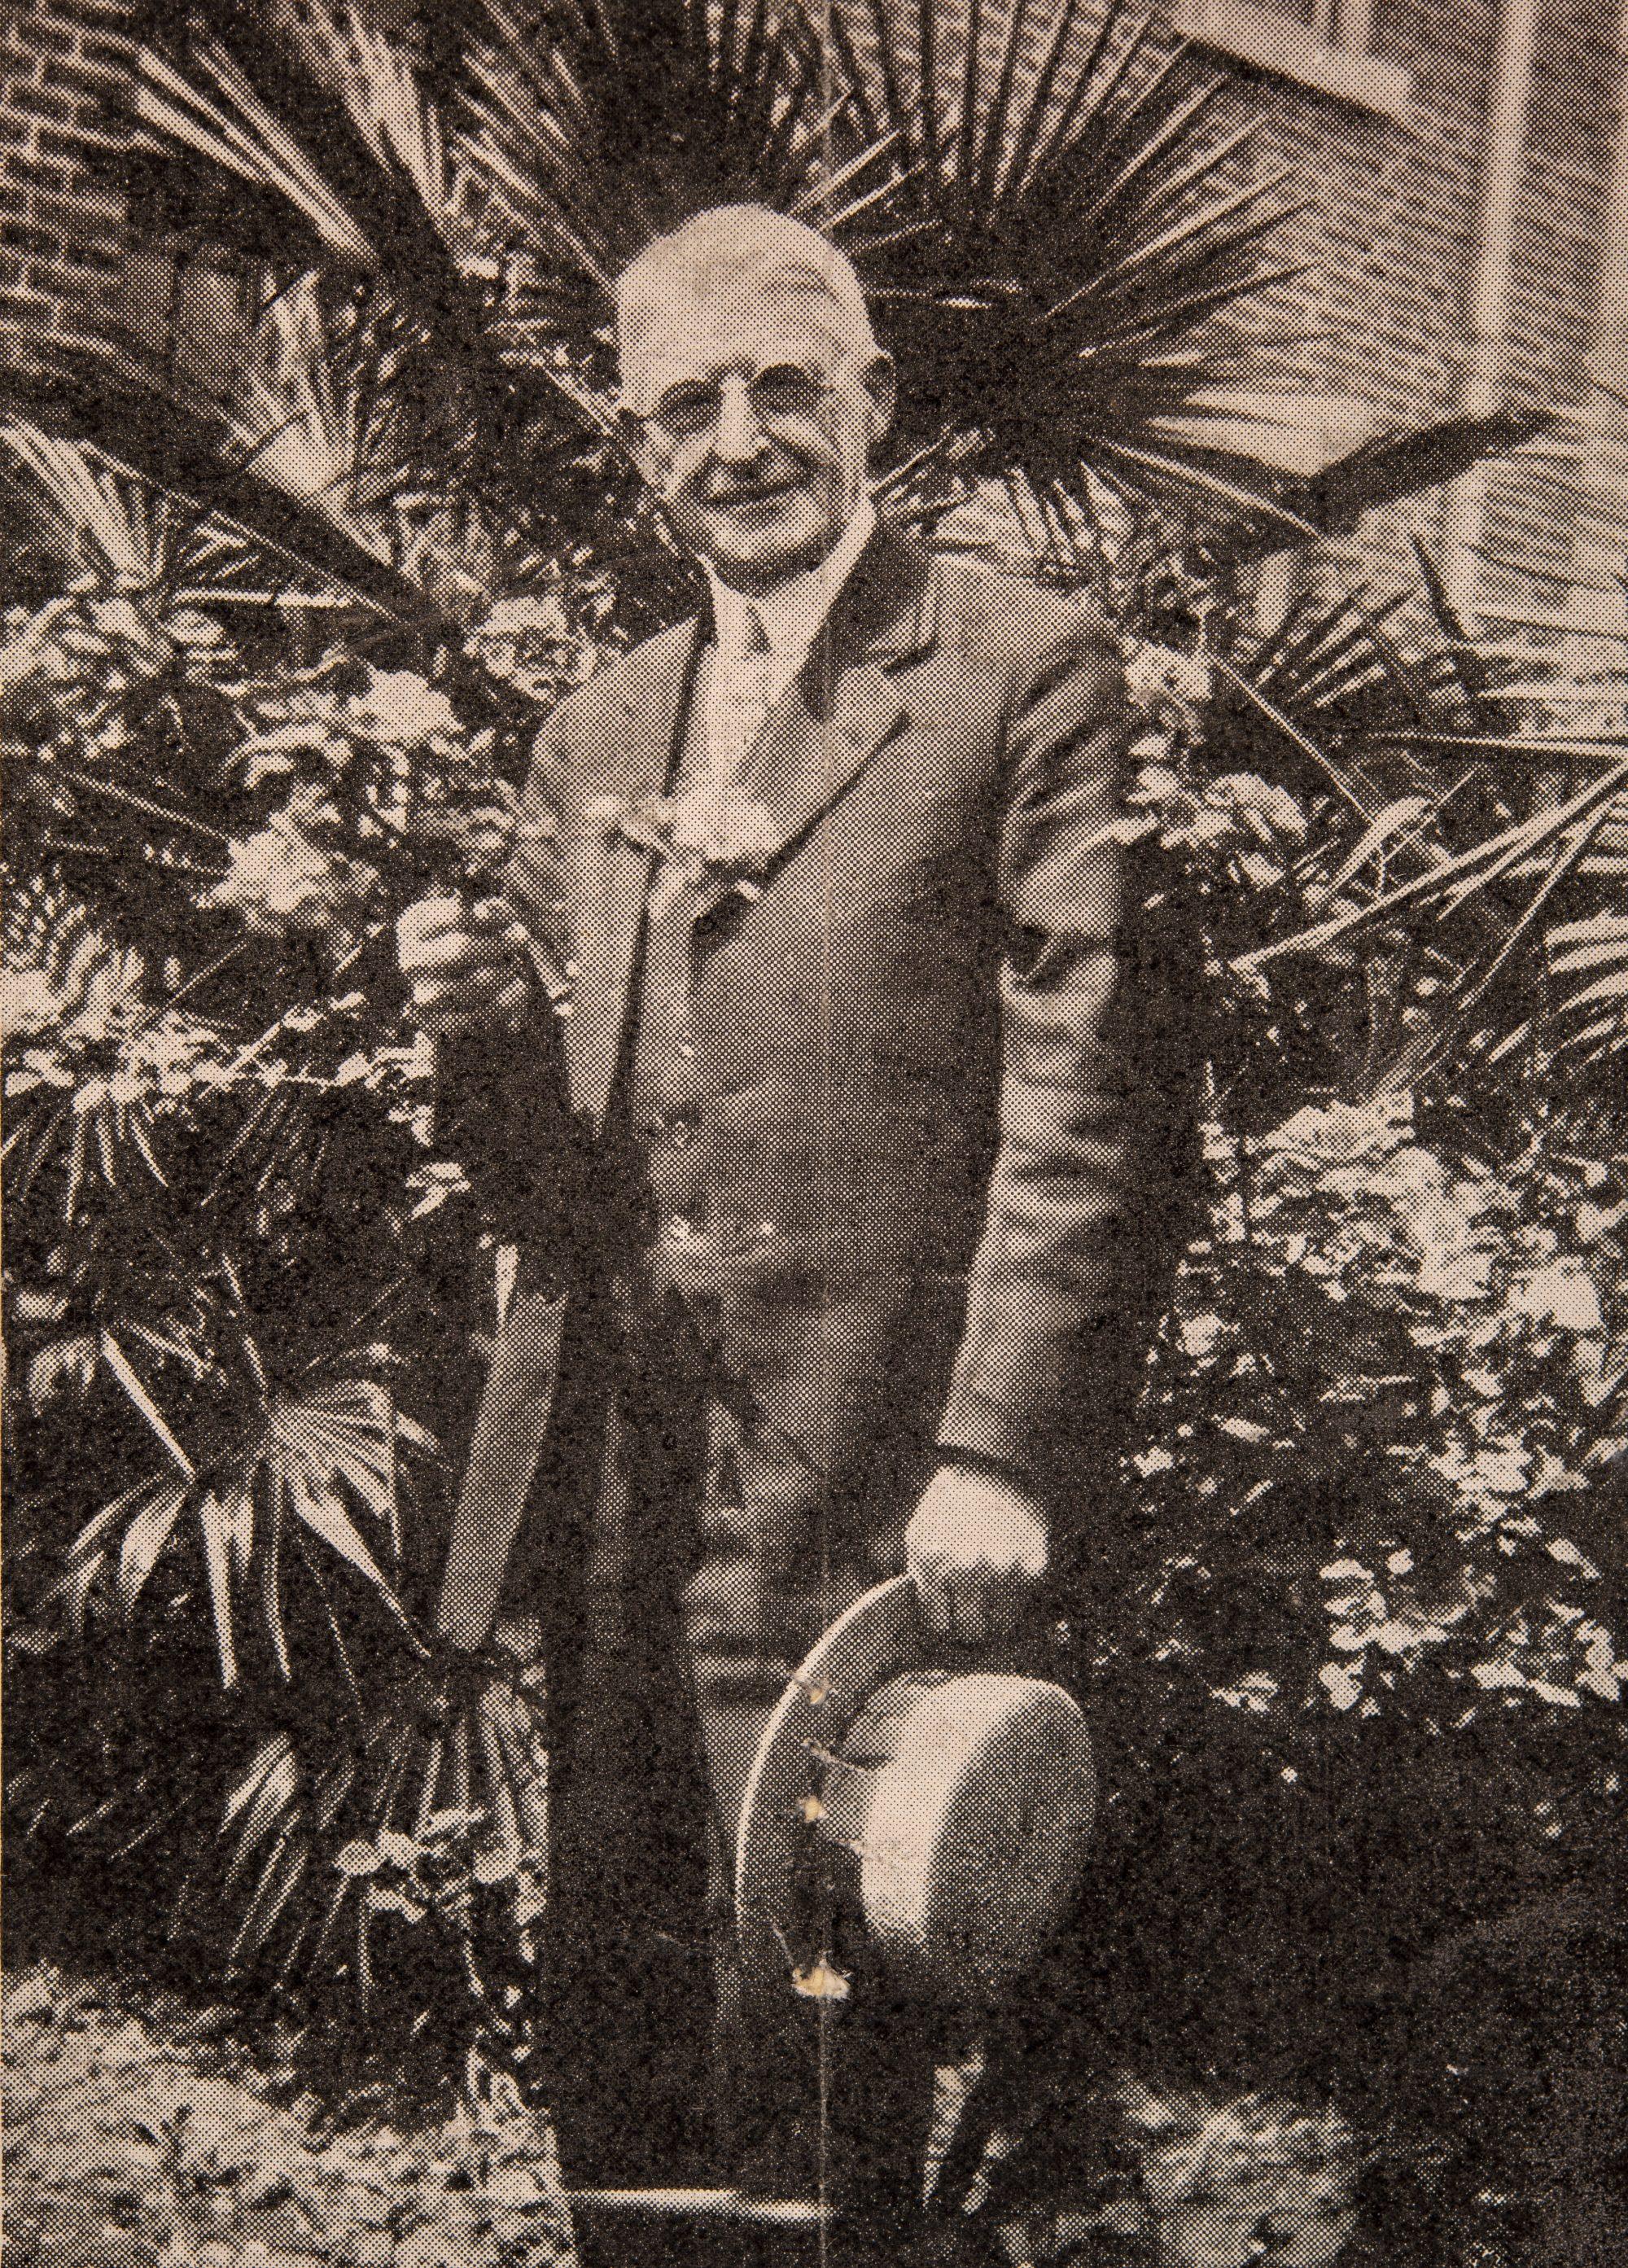 Robert T. Bryan